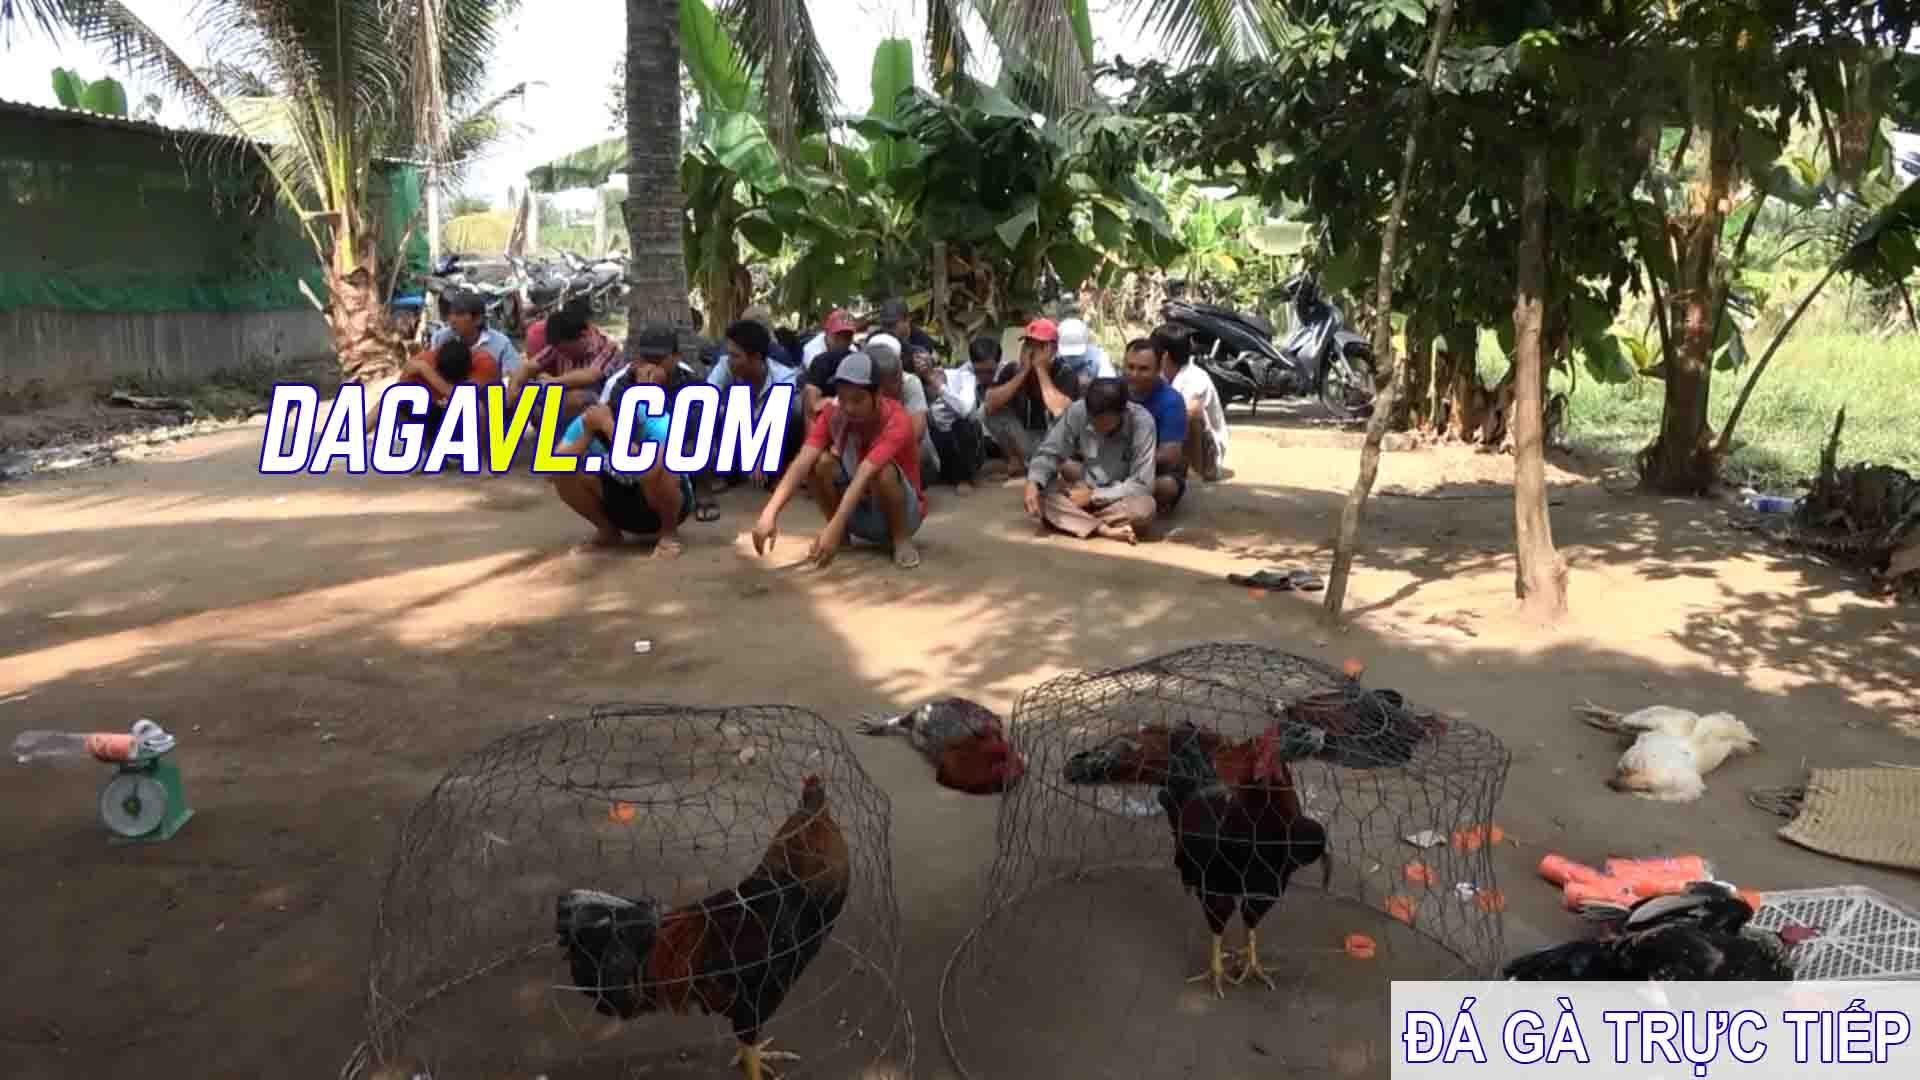 DAGAVL.COM - Triệt phá 2 tụ điểm đá gà ăn tiền tại Tiền Giang